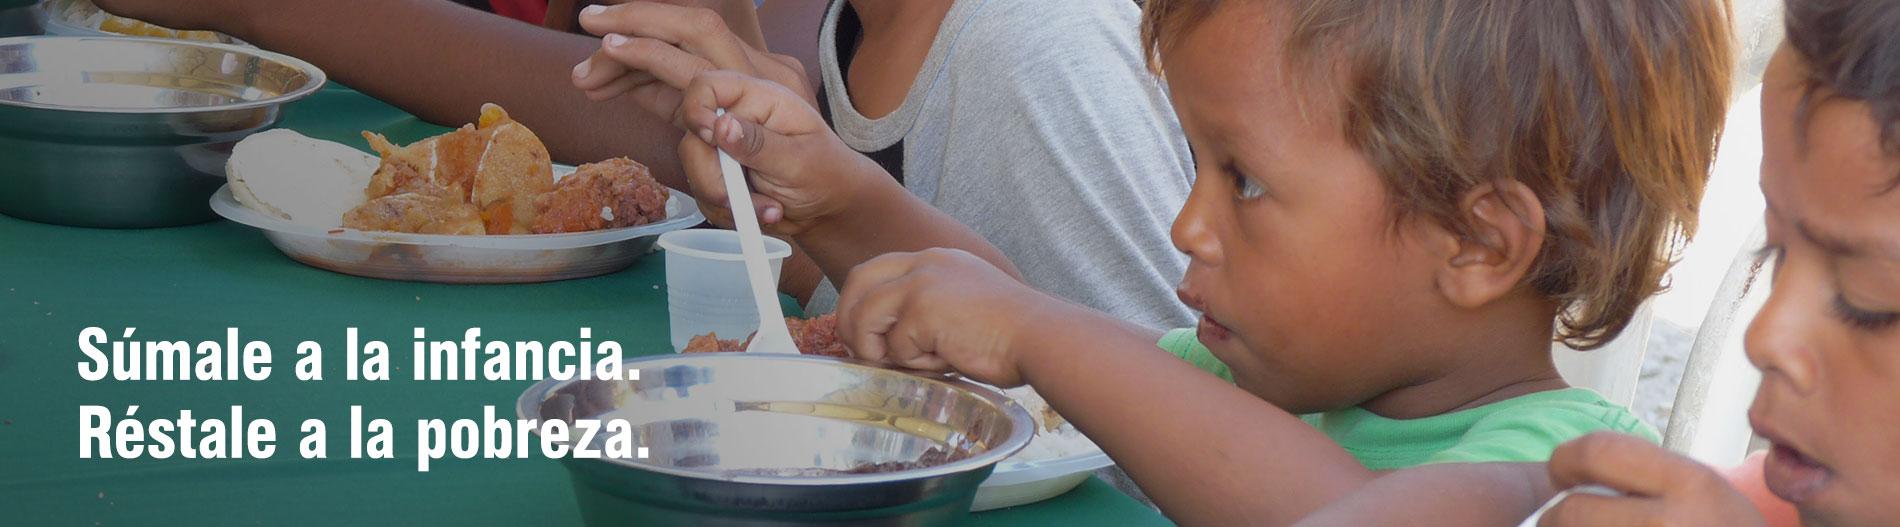 Venezuela hambre infancia pobreza migración campaña